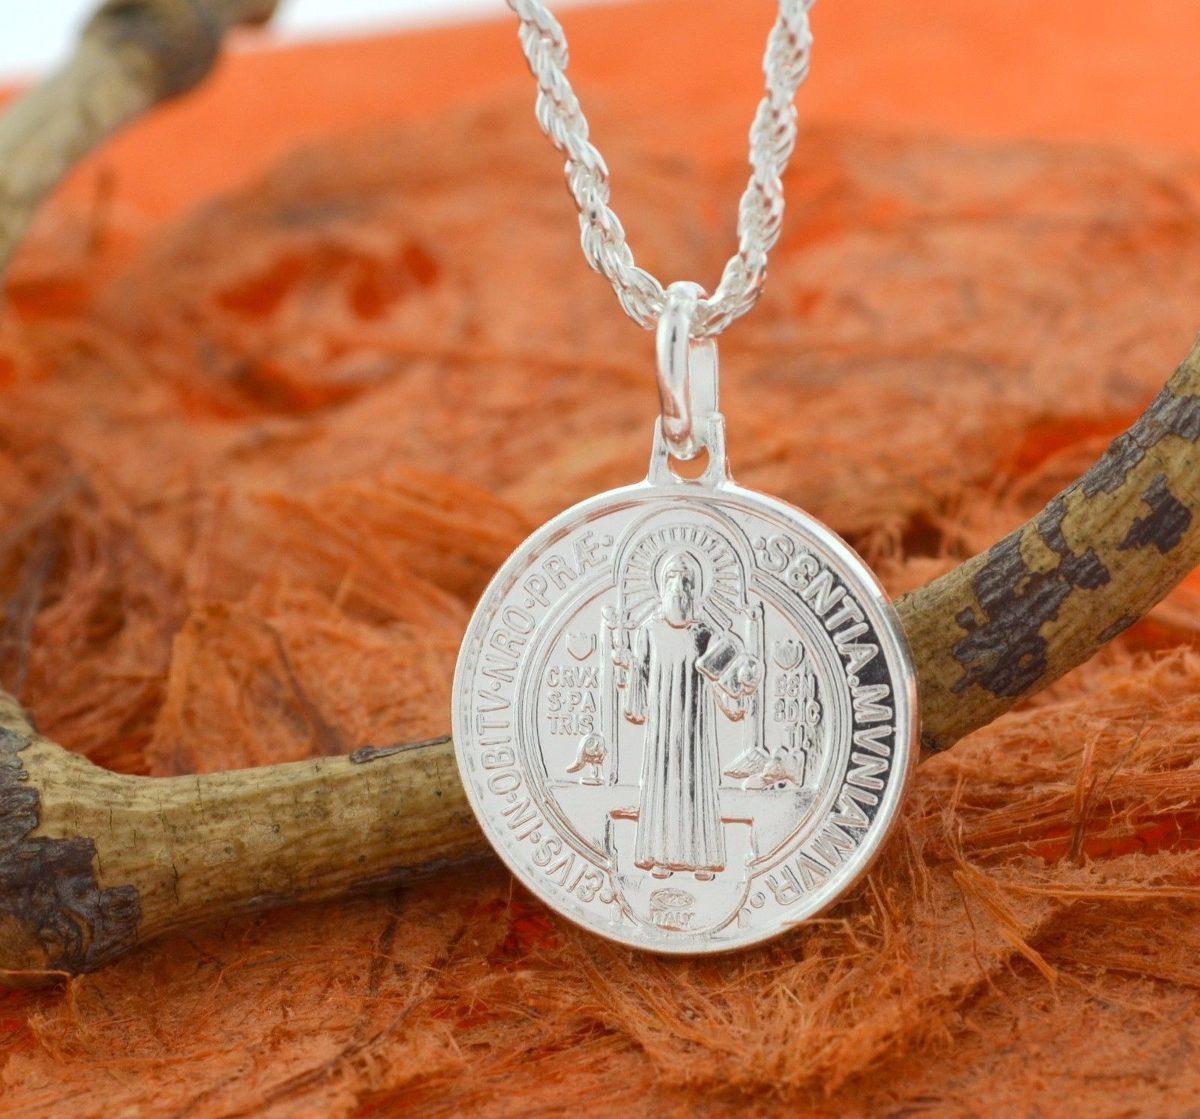 ec6ae7e7e08 Colgan Medalla San Benito 1.7 De Plata Nacional Linda 002 -   17.990 ...